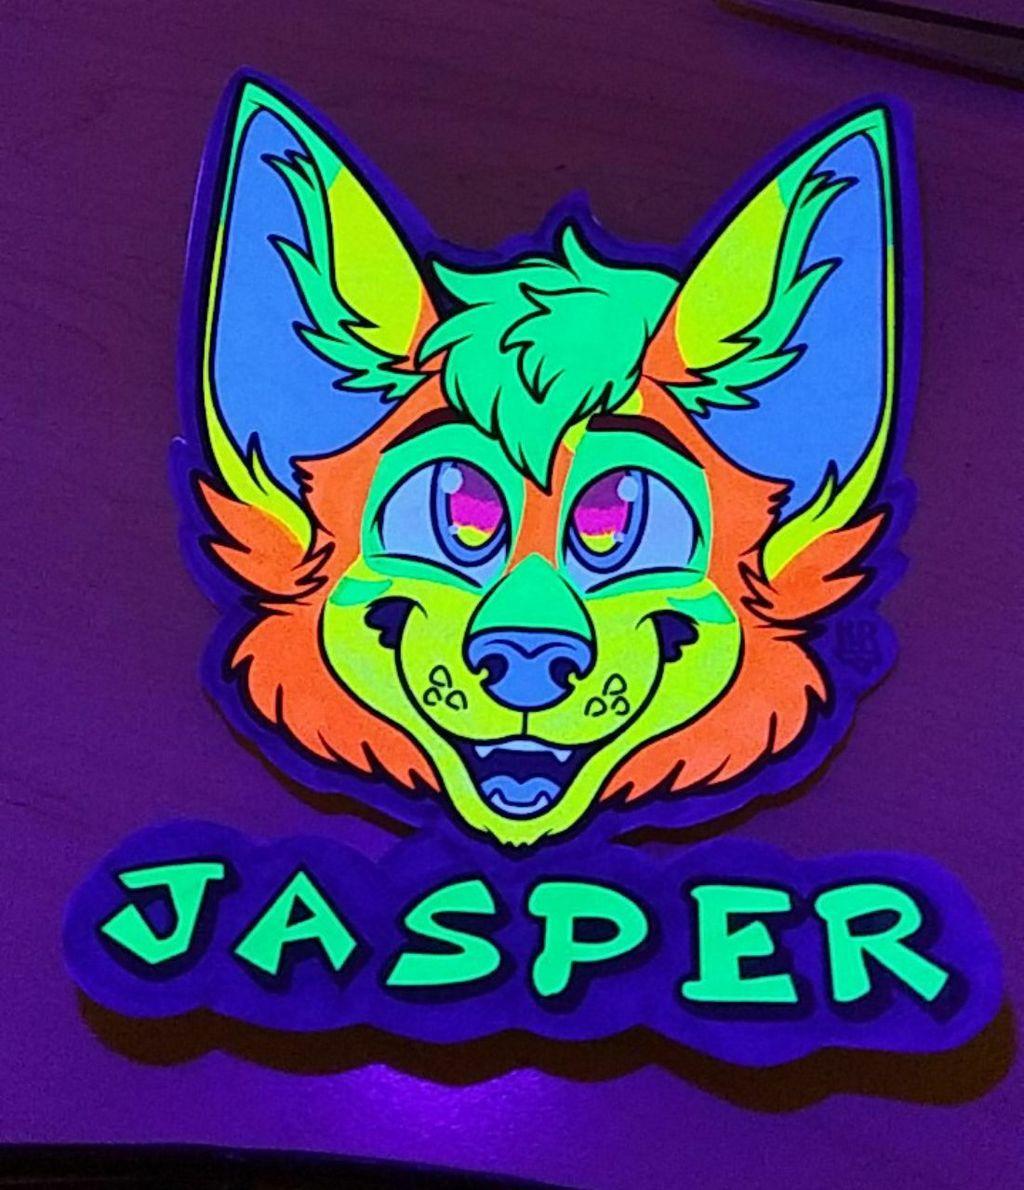 Jasper UV Badge Under Blacklight